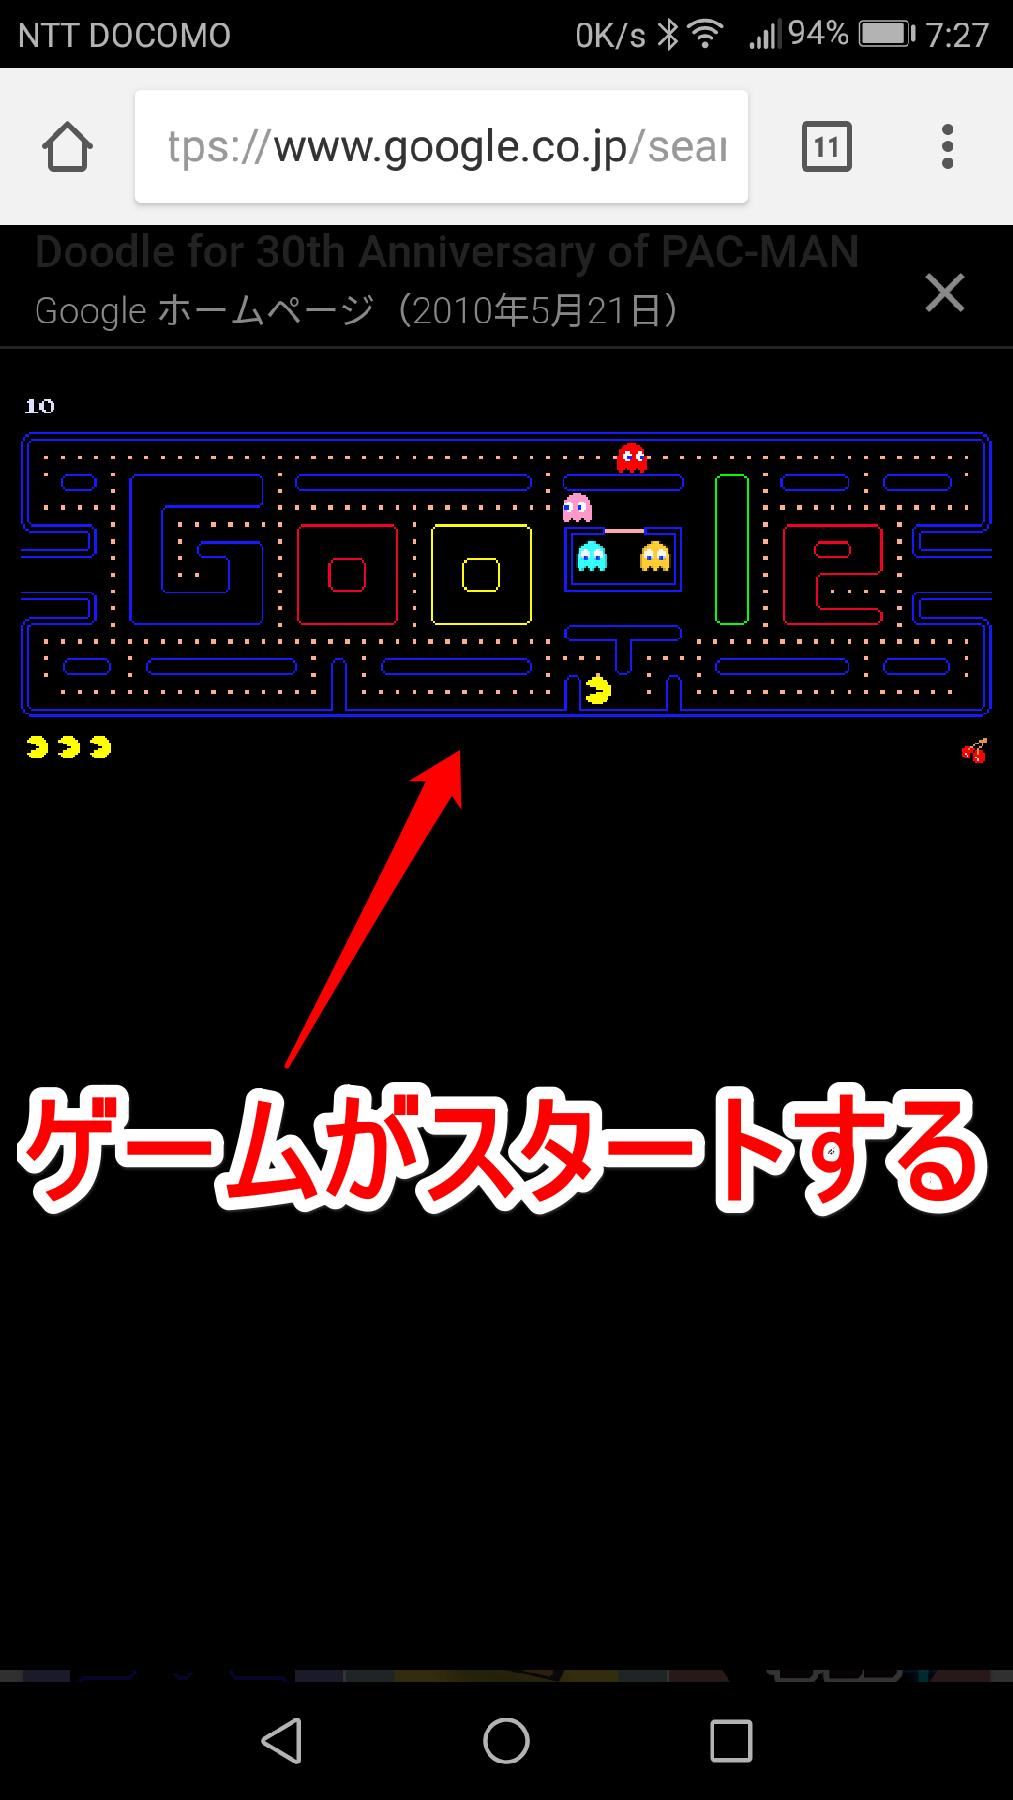 グーグルDoodleのPACMAN(パックマン)のゲーム画面